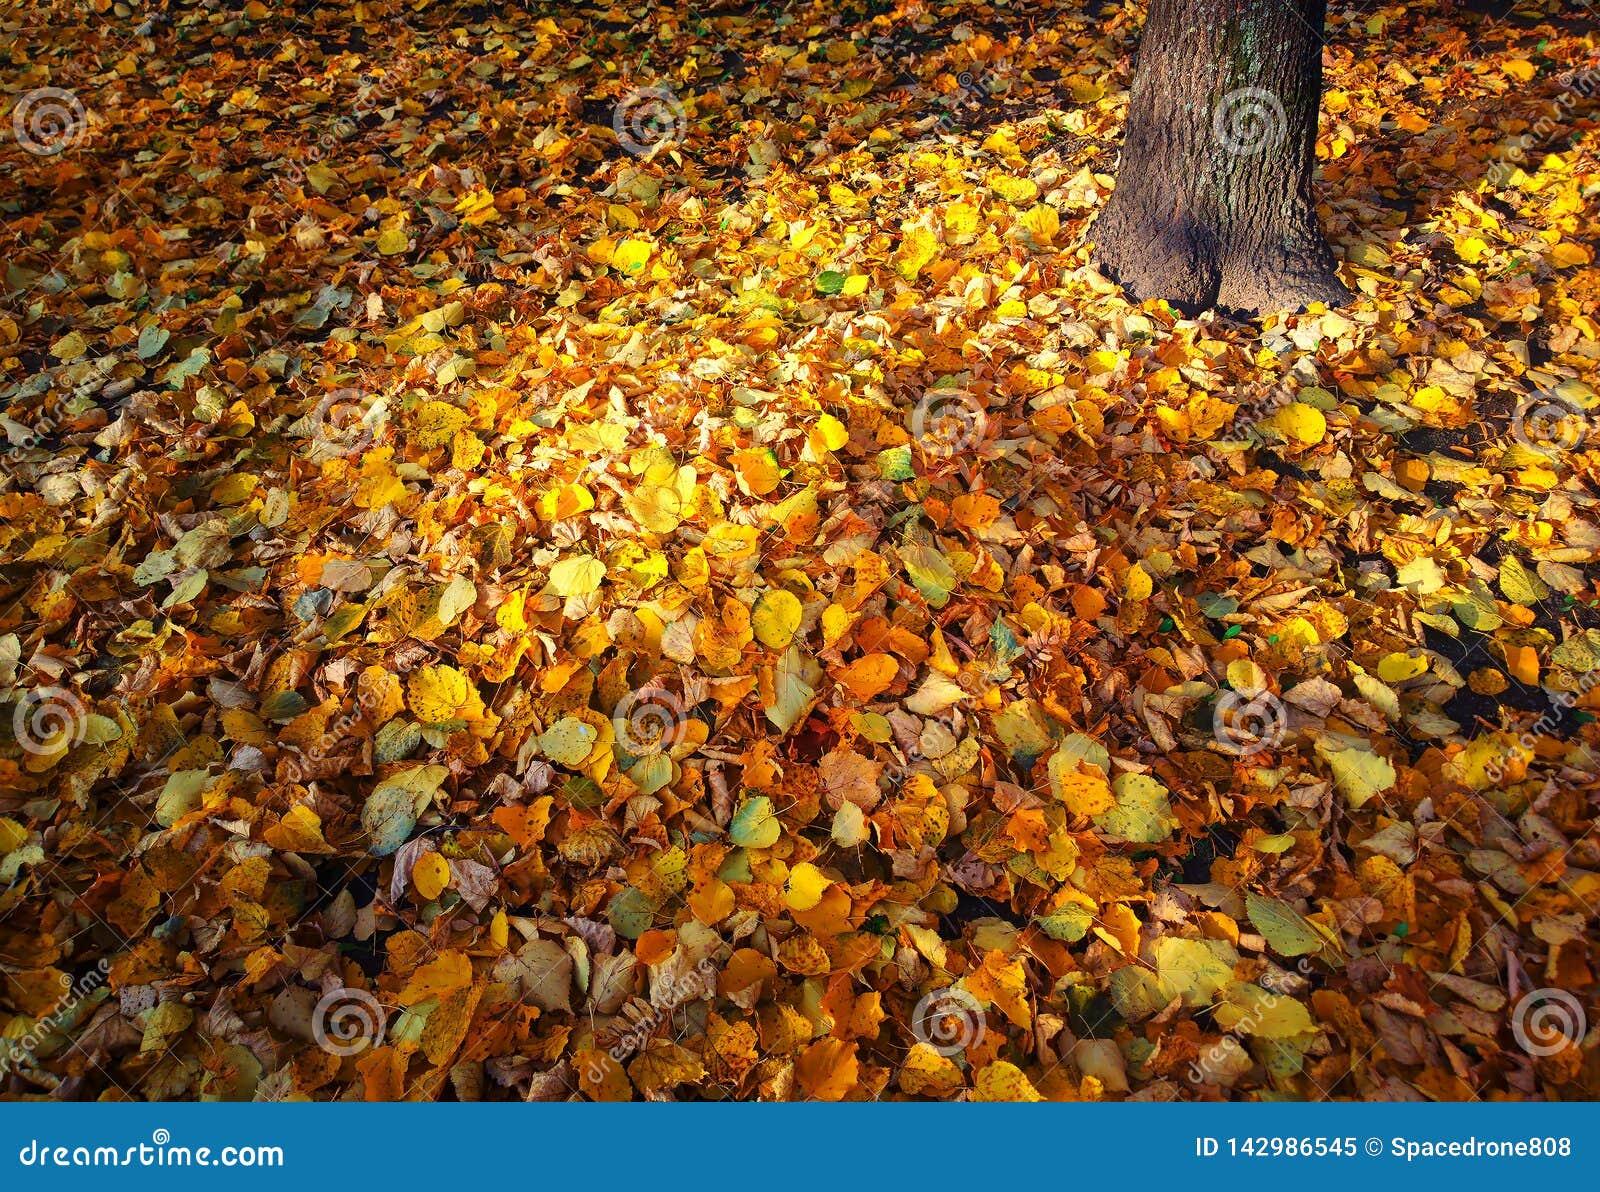 Orange Autumn Leaves Carpet Background Stock Image Image